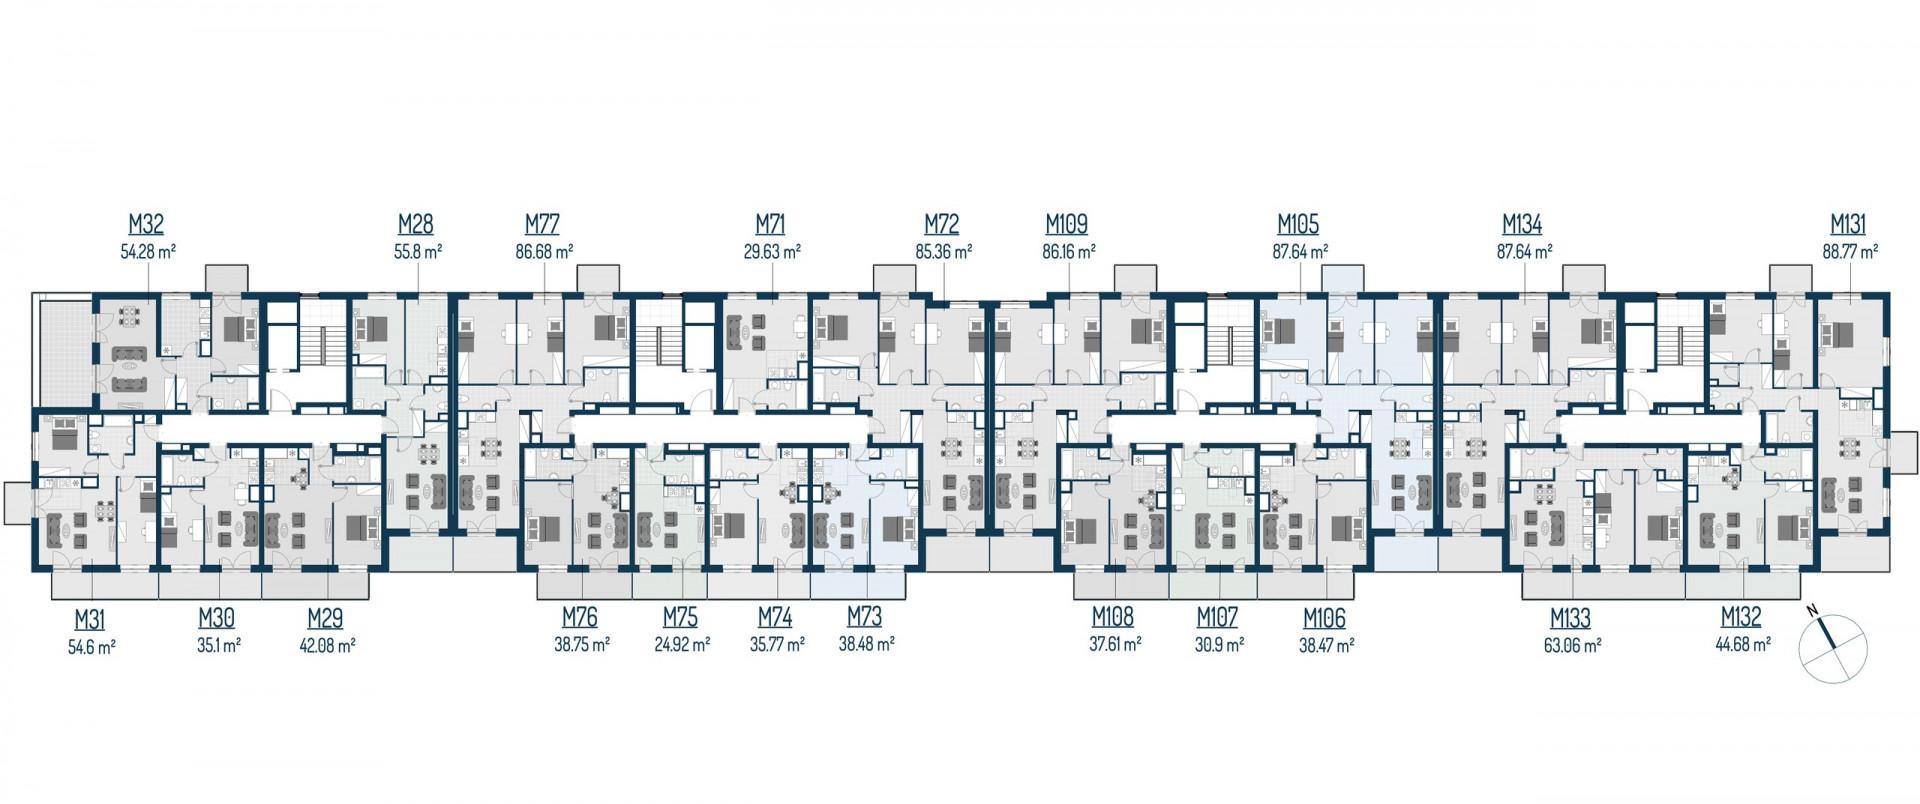 Zdrowe Stylove / budynek 2 / mieszkanie nr 77 rzut 2